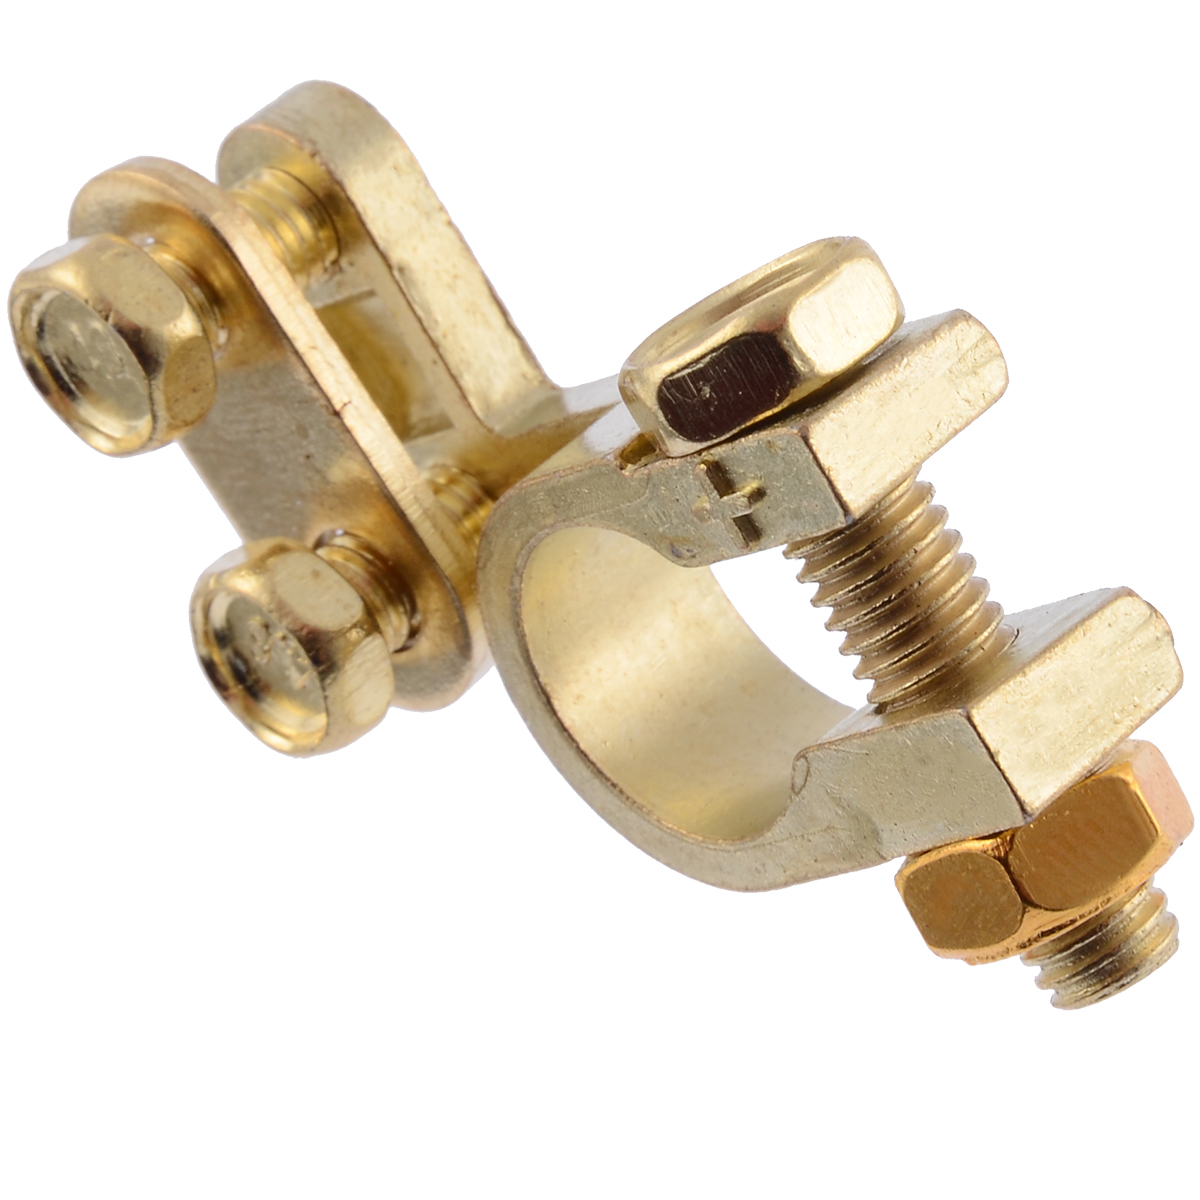 2Pcs Car Battery Terminals Clamps Pair Screw Connection Positive & Negative Brass Cables Connectors Accessories